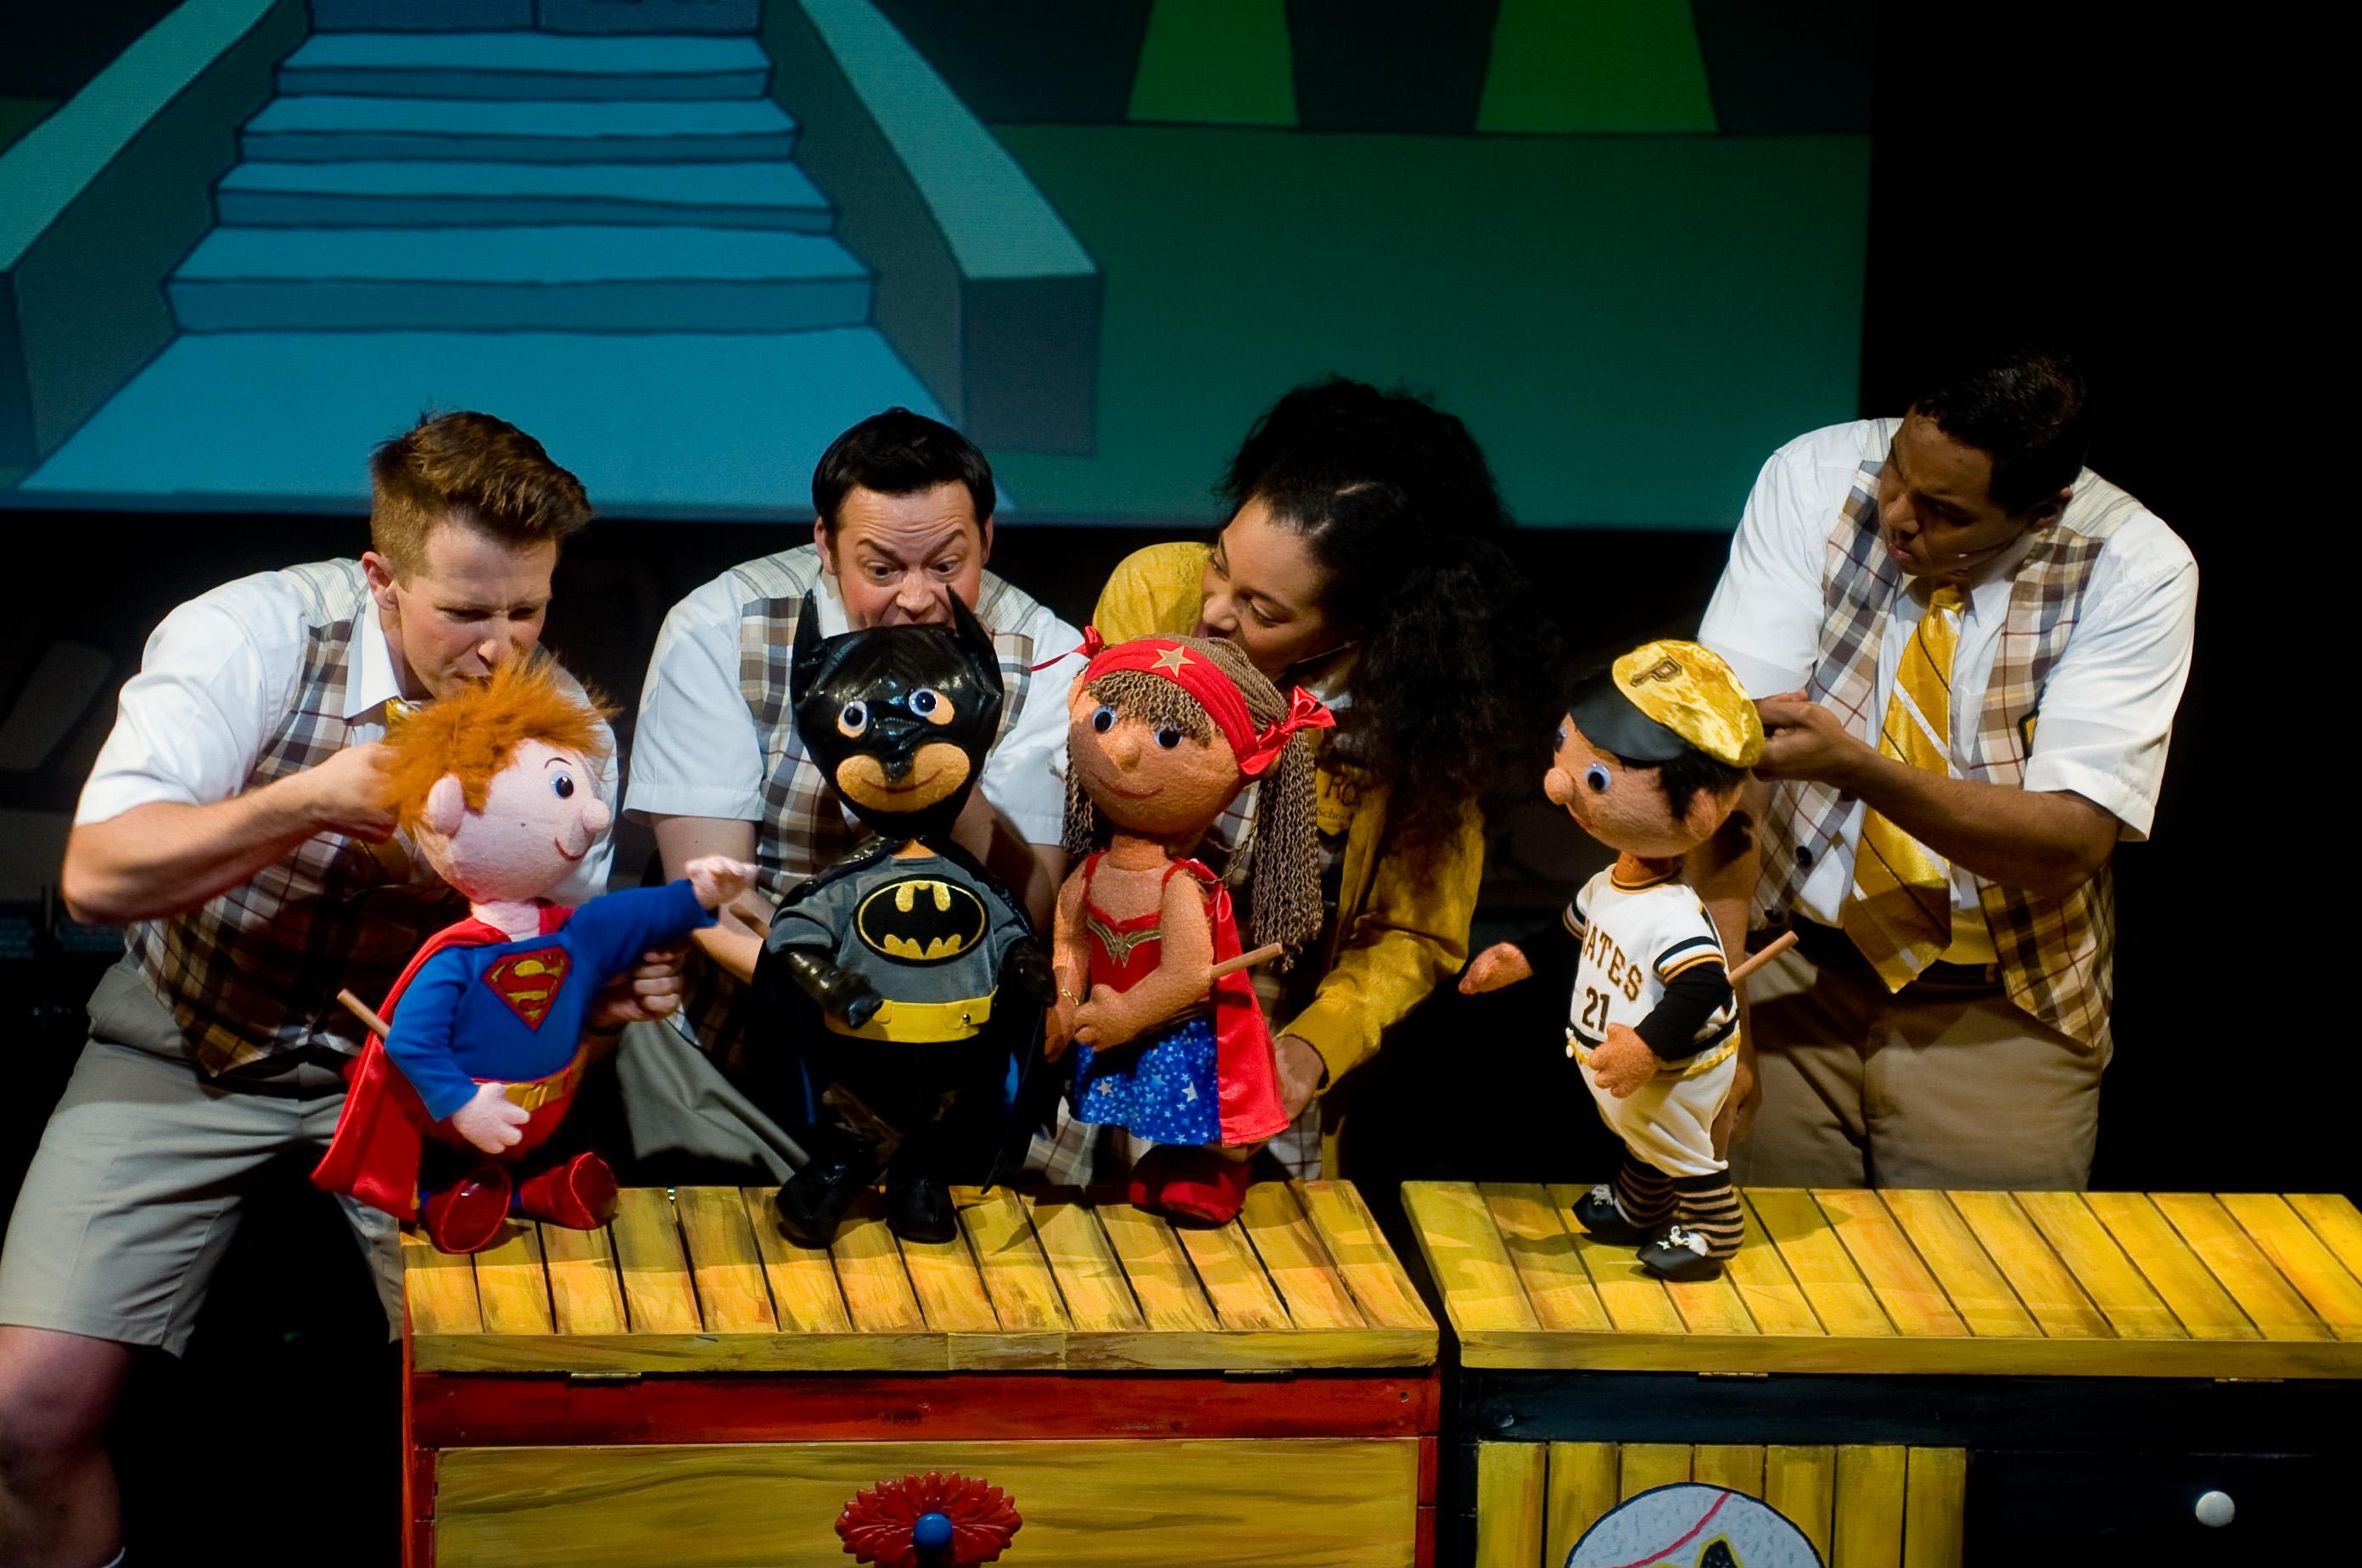 Quatre super-héros, de <em>My Superhero Roberto Clemente / Mi Superhéroe Roberto Clemente</em>, une production bilingue (anglais et espagnol) pour un public familial par le Teatro SEA (New York, NY, États-Unis). Marionnette à tiges / Marionnette sur table, hauteur : 40 cm. Photo: Javier González